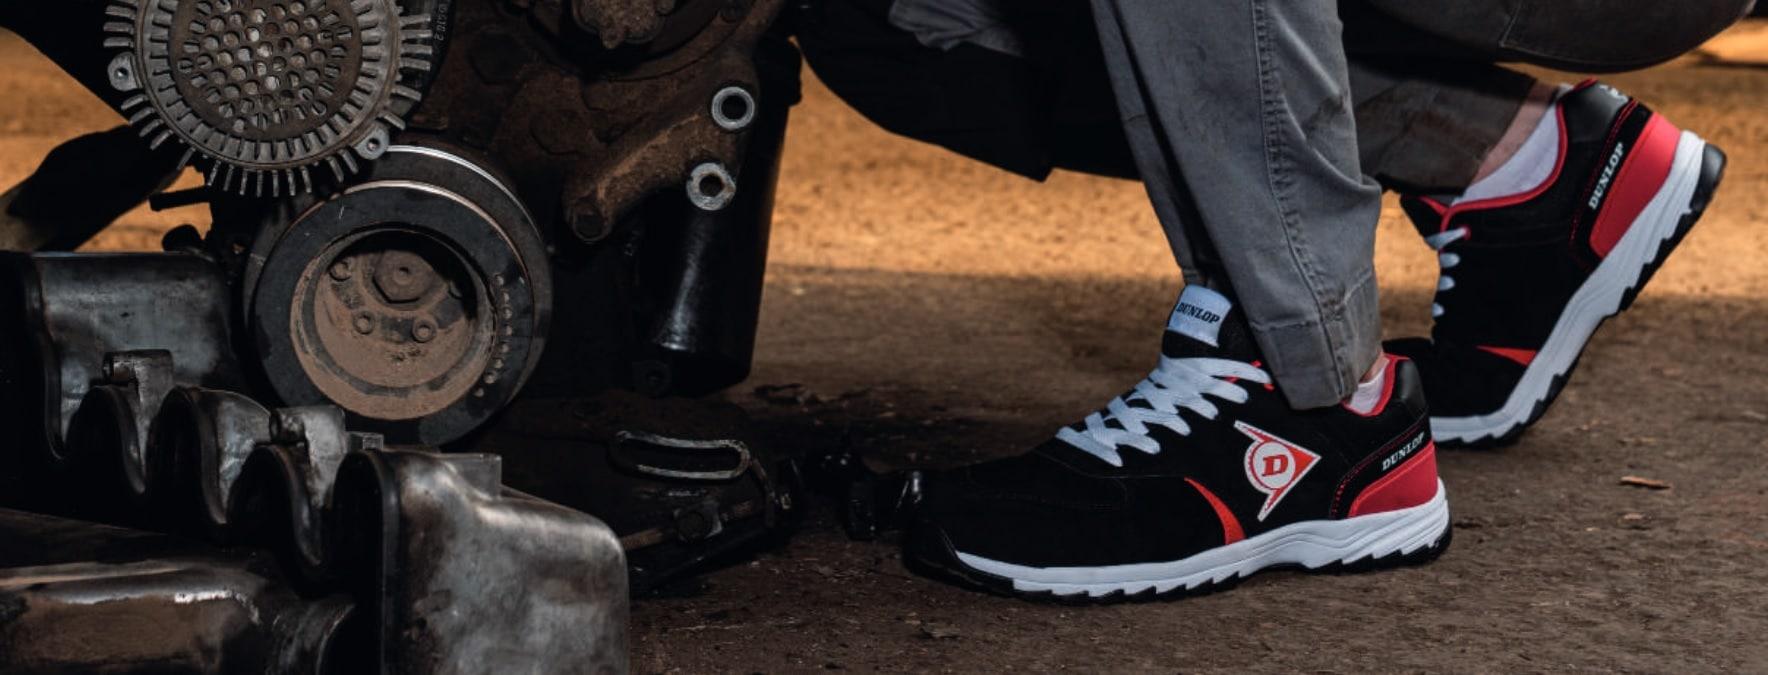 foto de unas zapatillas Dunlop